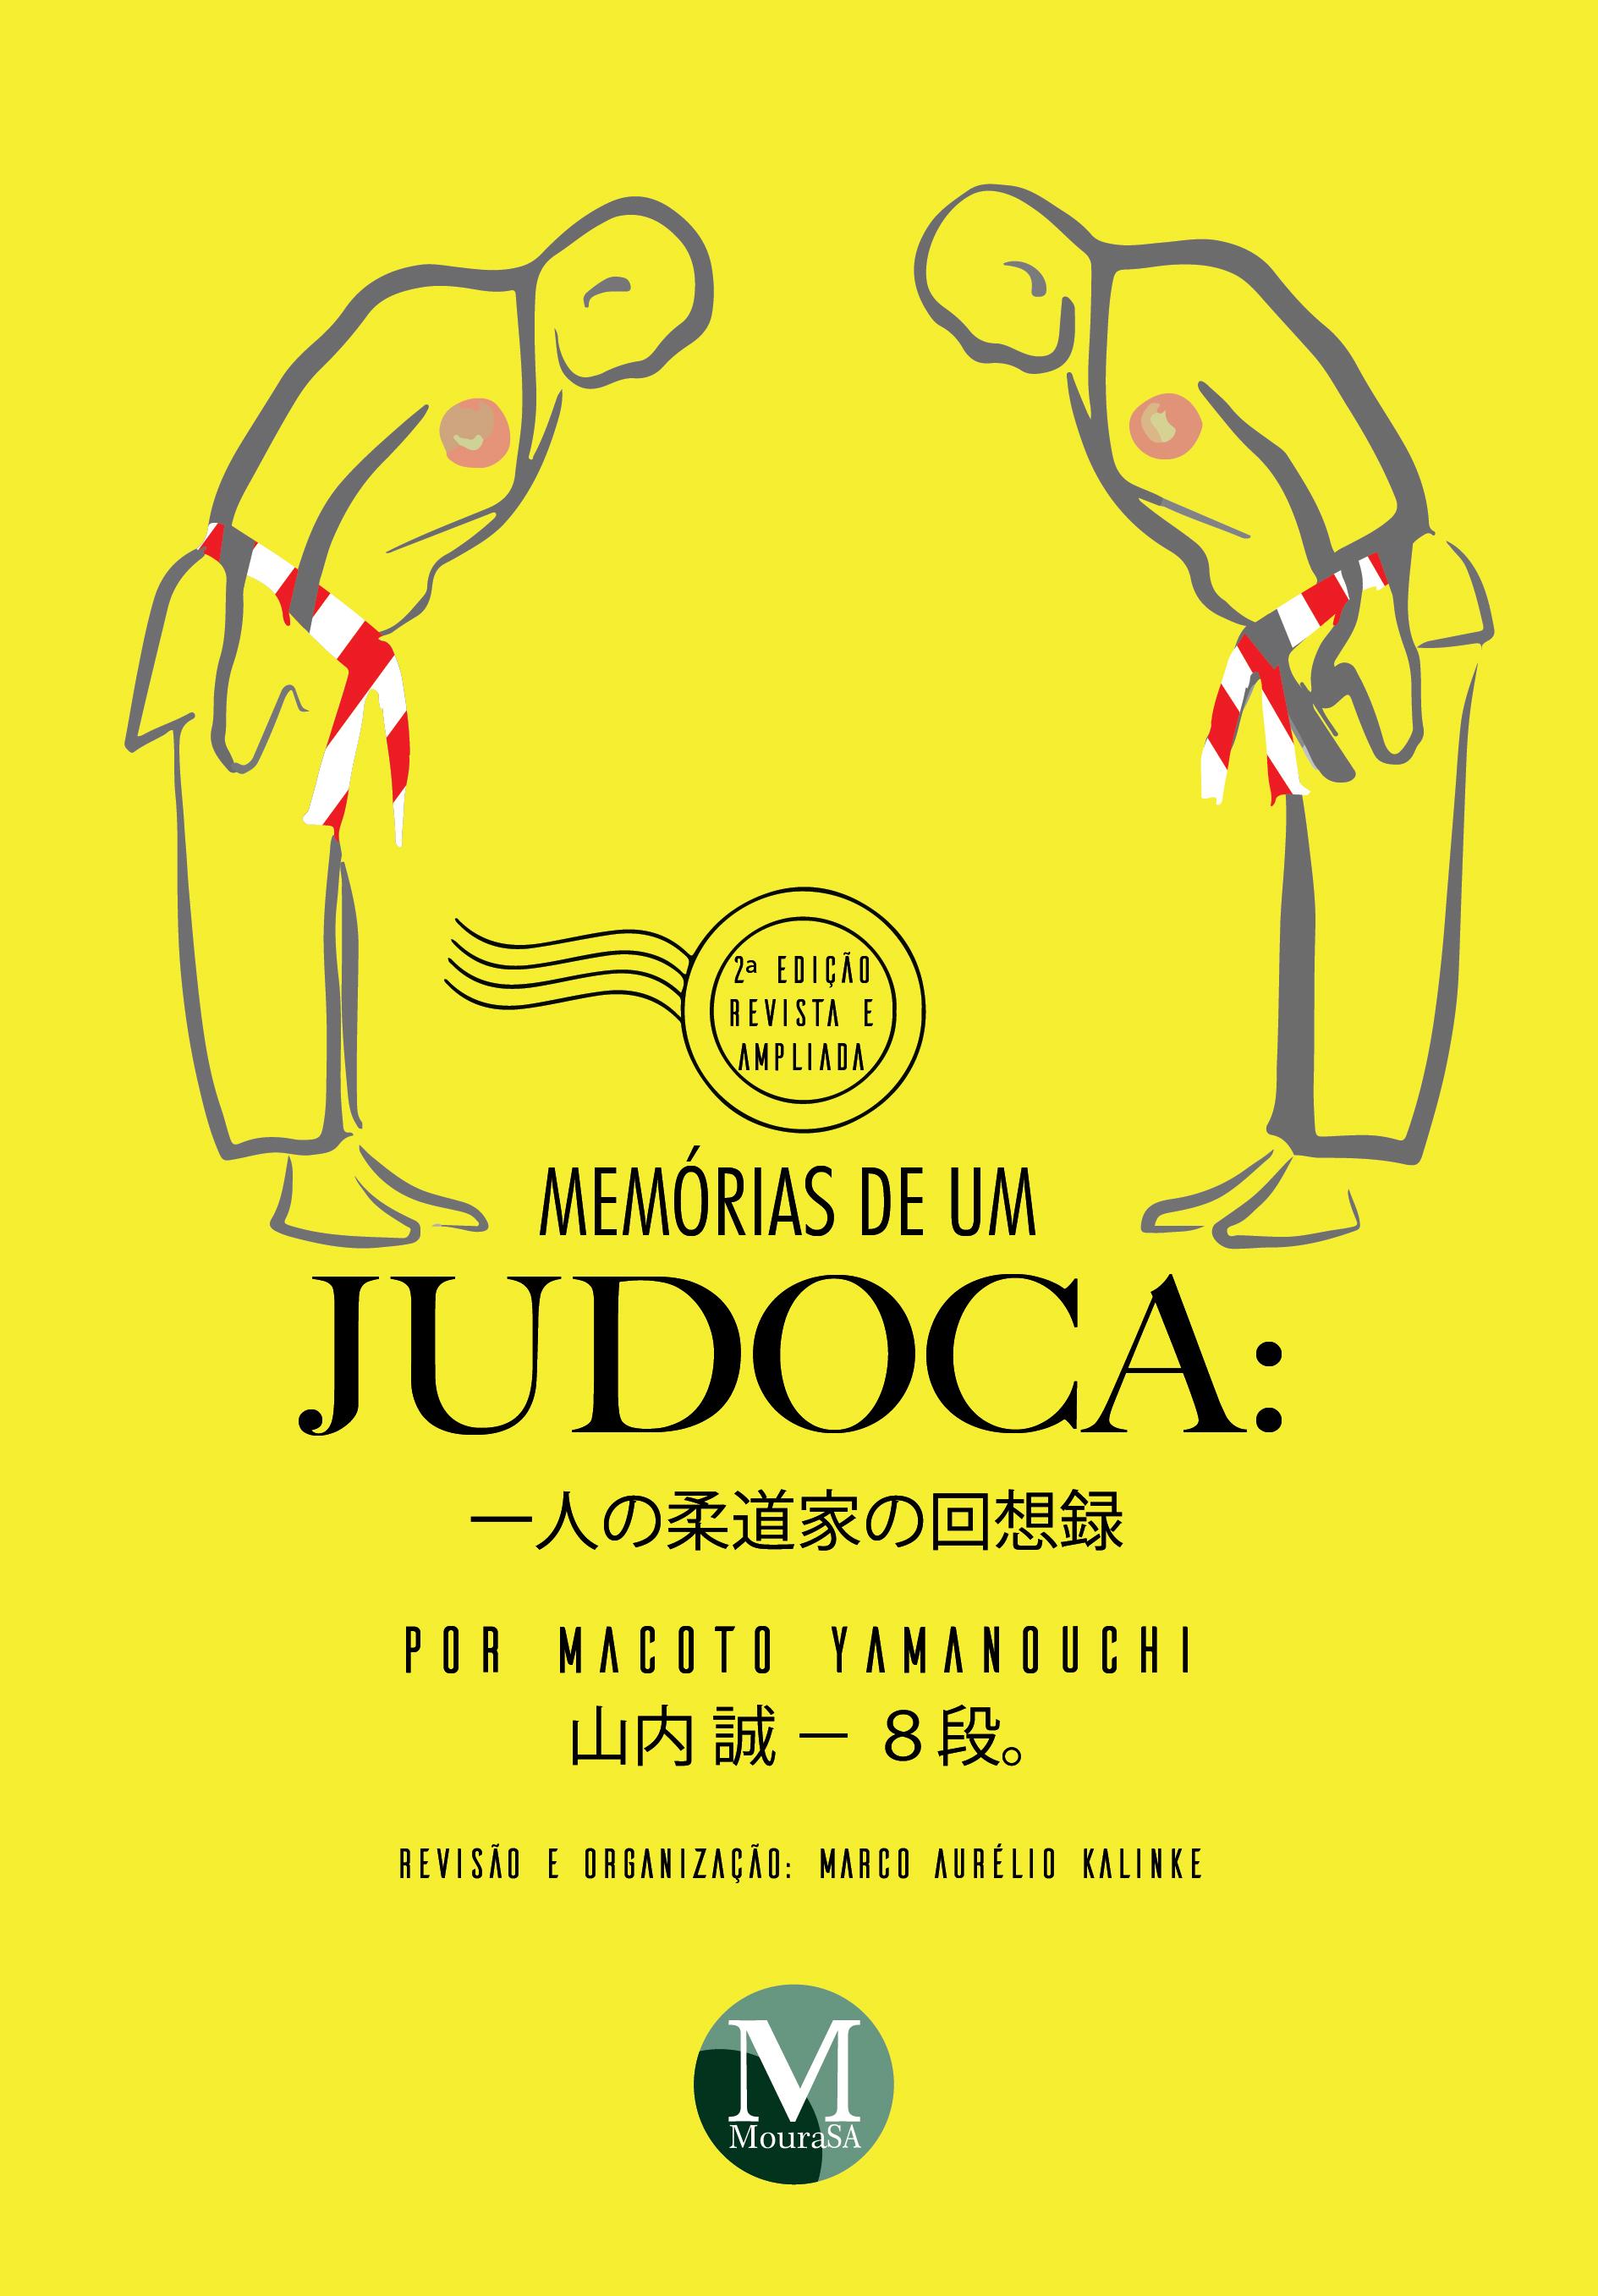 Capa do livro: MEMÓRIAS DE UM JUDOCA: <br>por Macoto Yamanouchi <br> <br><a href=https://editoracrv.com.br/produtos/detalhes/34256-crv>VER 3ª EDIÇÃO</a>